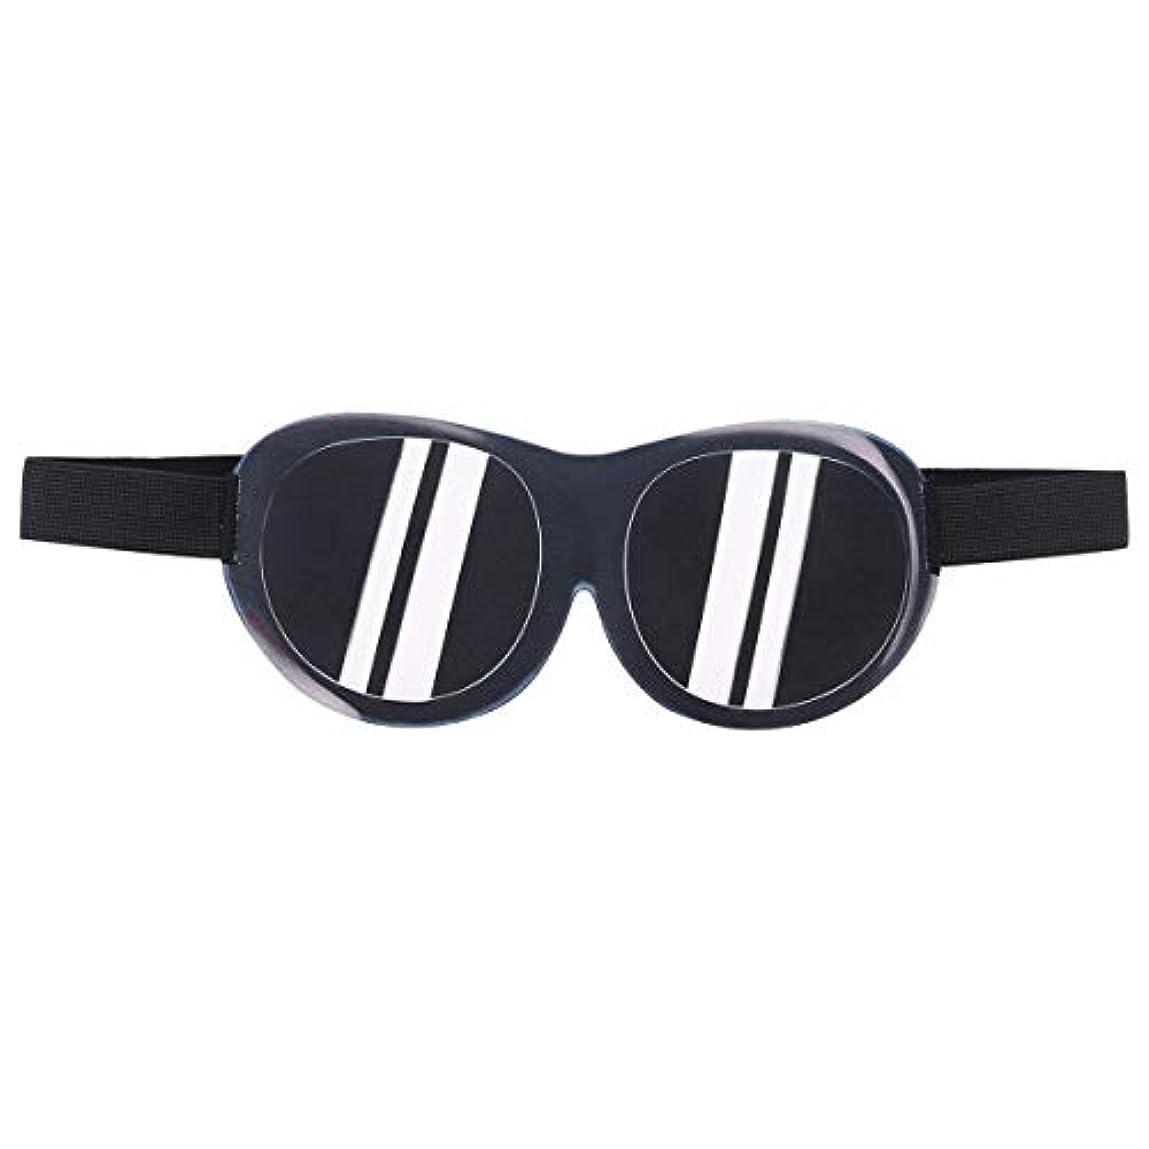 誠実爪電気のHealifty 3D面白いアイシェード睡眠マスク旅行アイマスク目隠し睡眠ヘルパーアイシェード男性女性旅行昼寝と深い睡眠(サングラスを装ったふりをする)